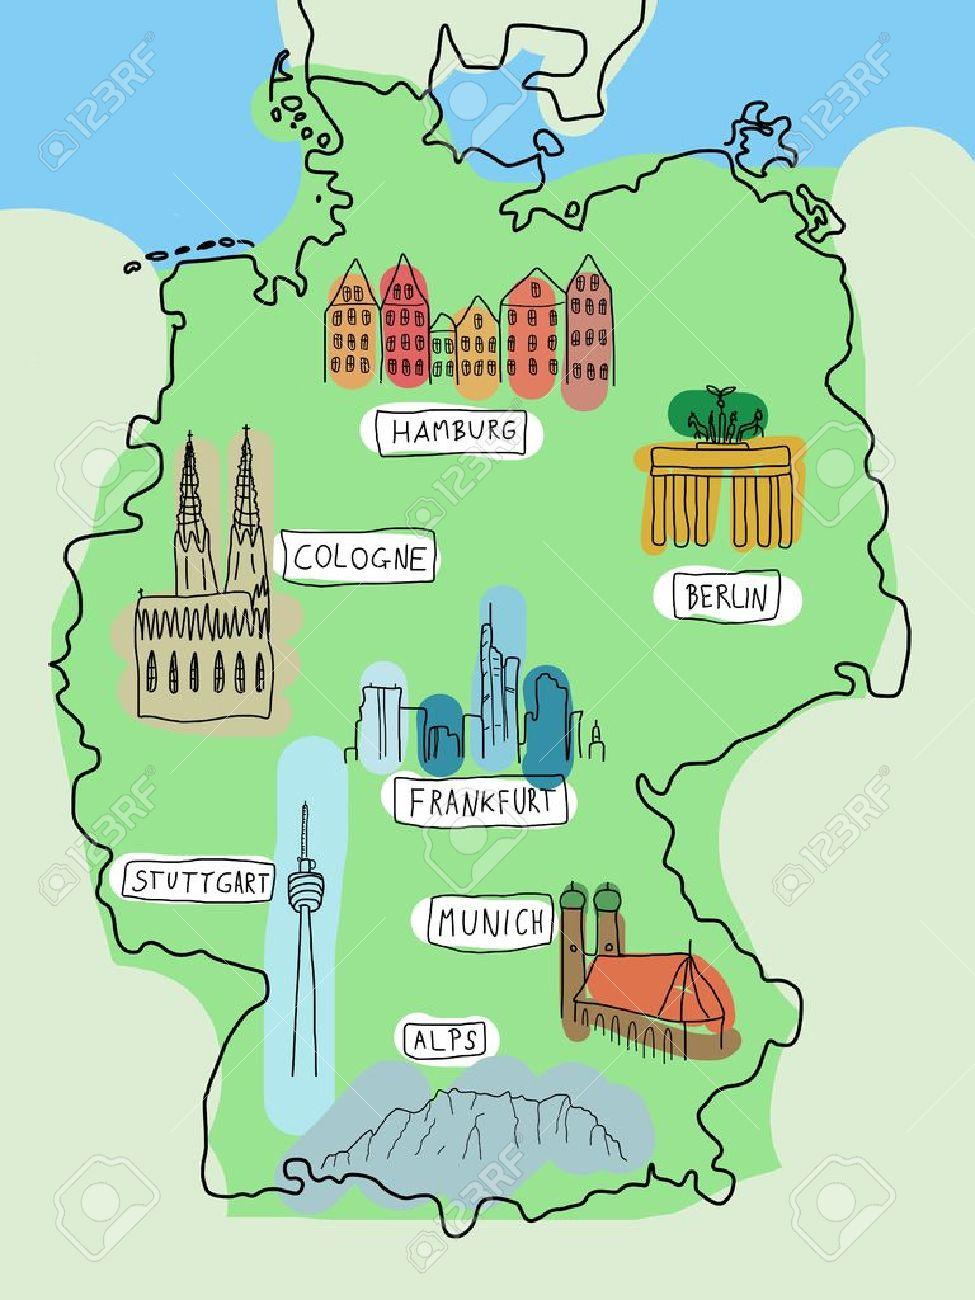 Alemania Mapa Con Lugares Famosos Garabatos Berlin Hamburgo